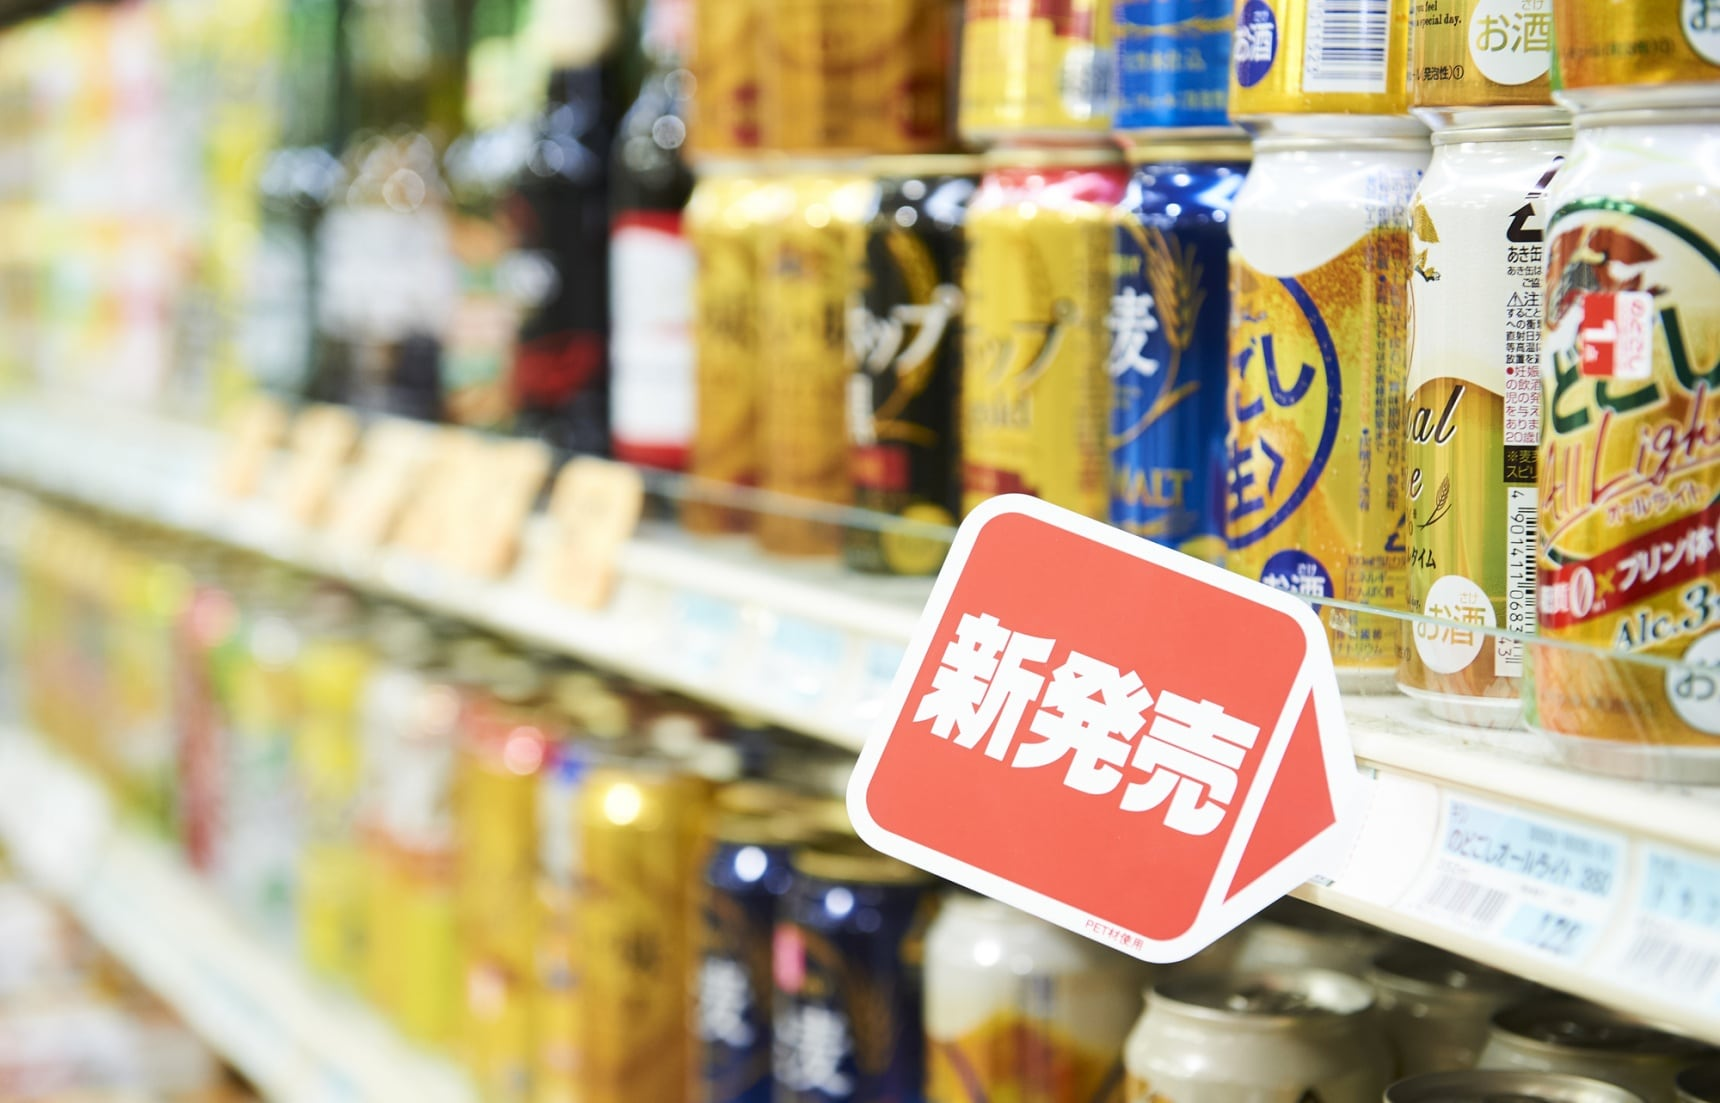 夏日必備!十款風味迷人的日本經典人氣啤酒